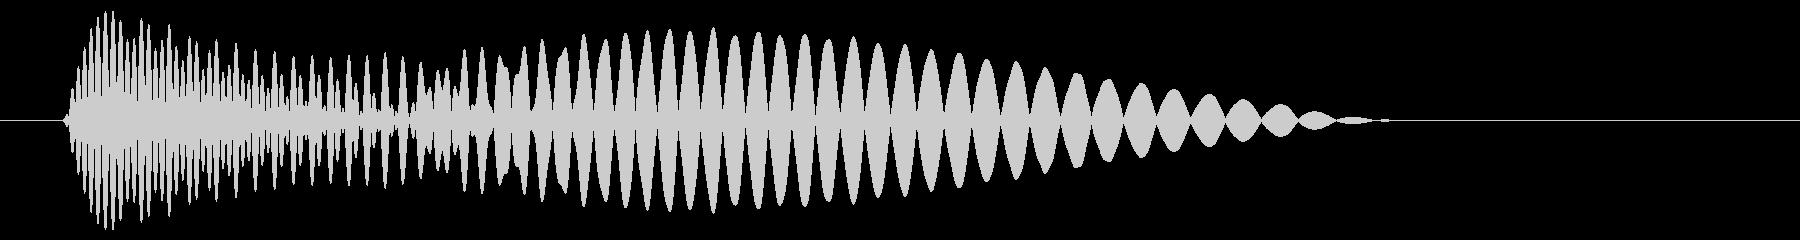 ポン、ポッという短くて低い効果音の未再生の波形